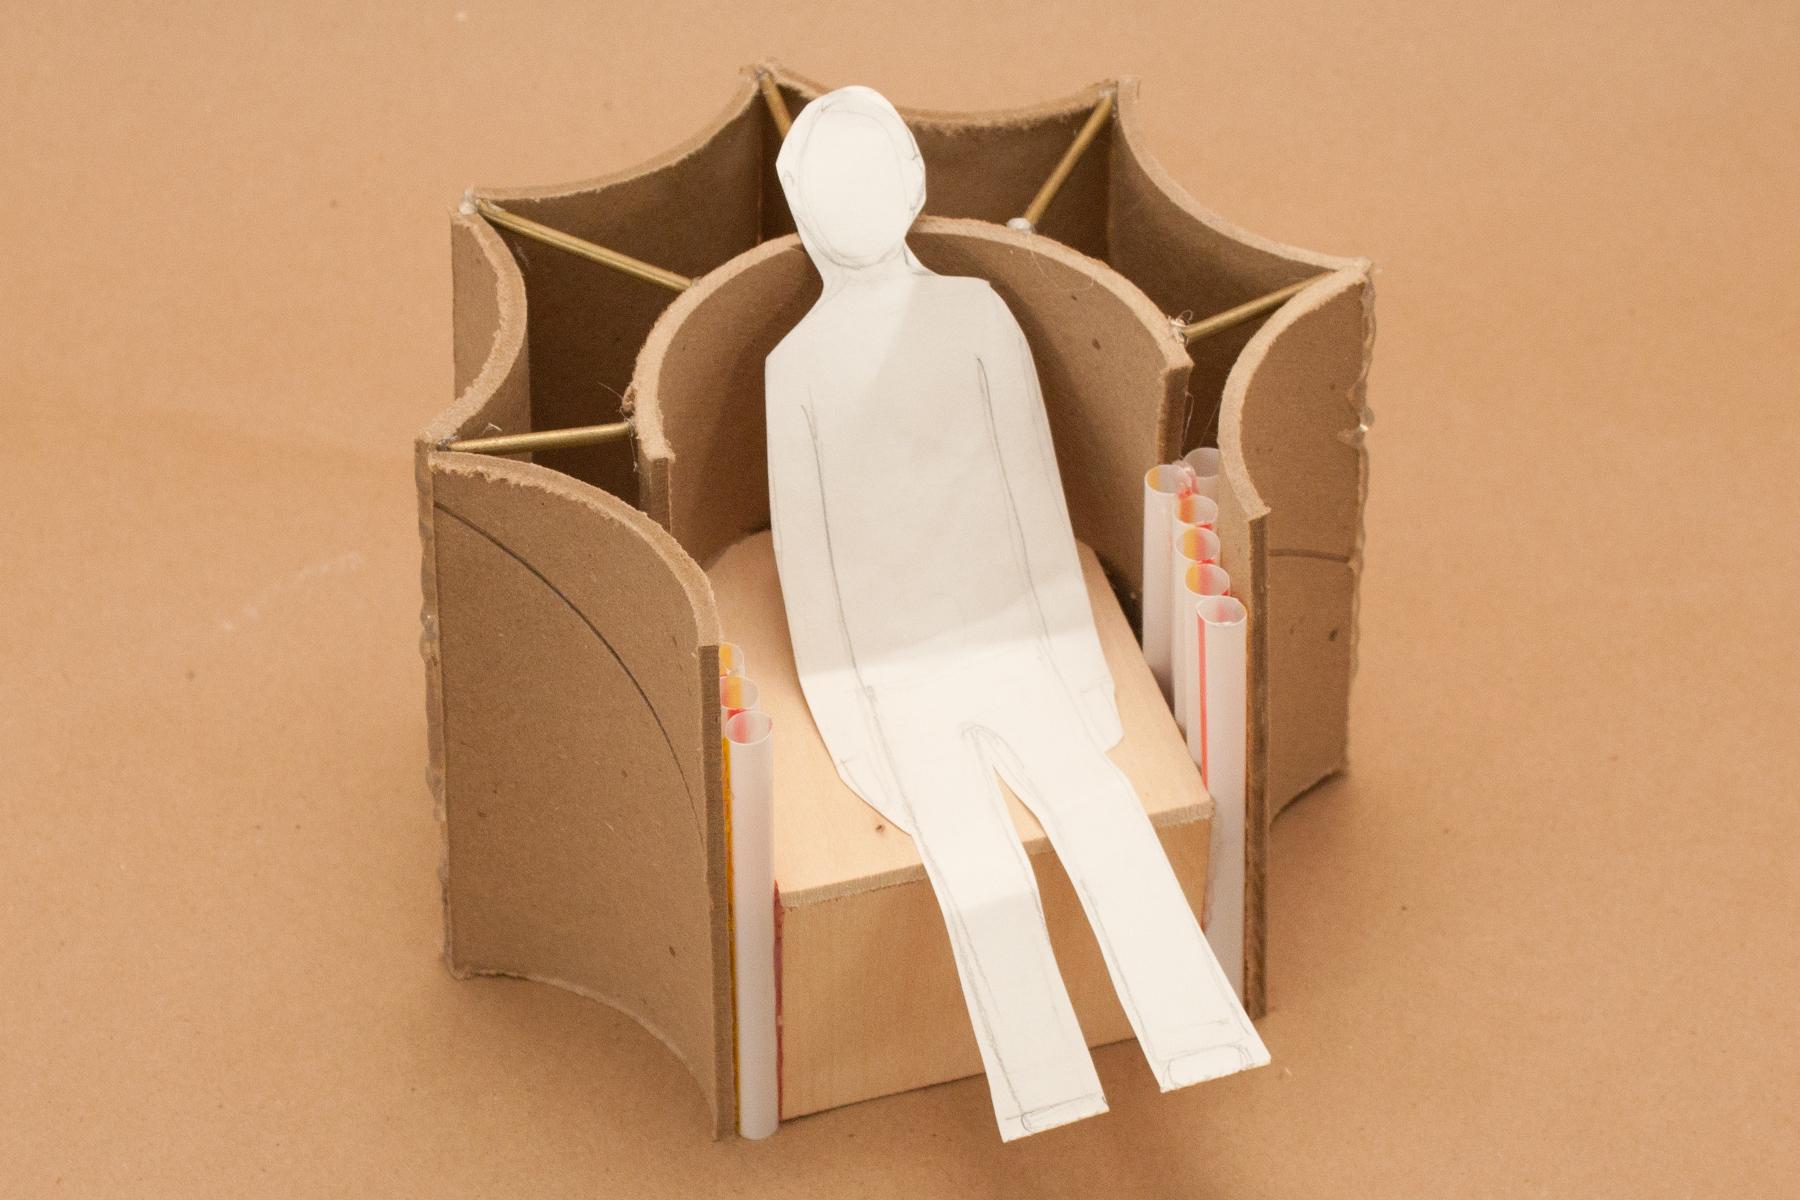 Chair_7-12_1.jpg